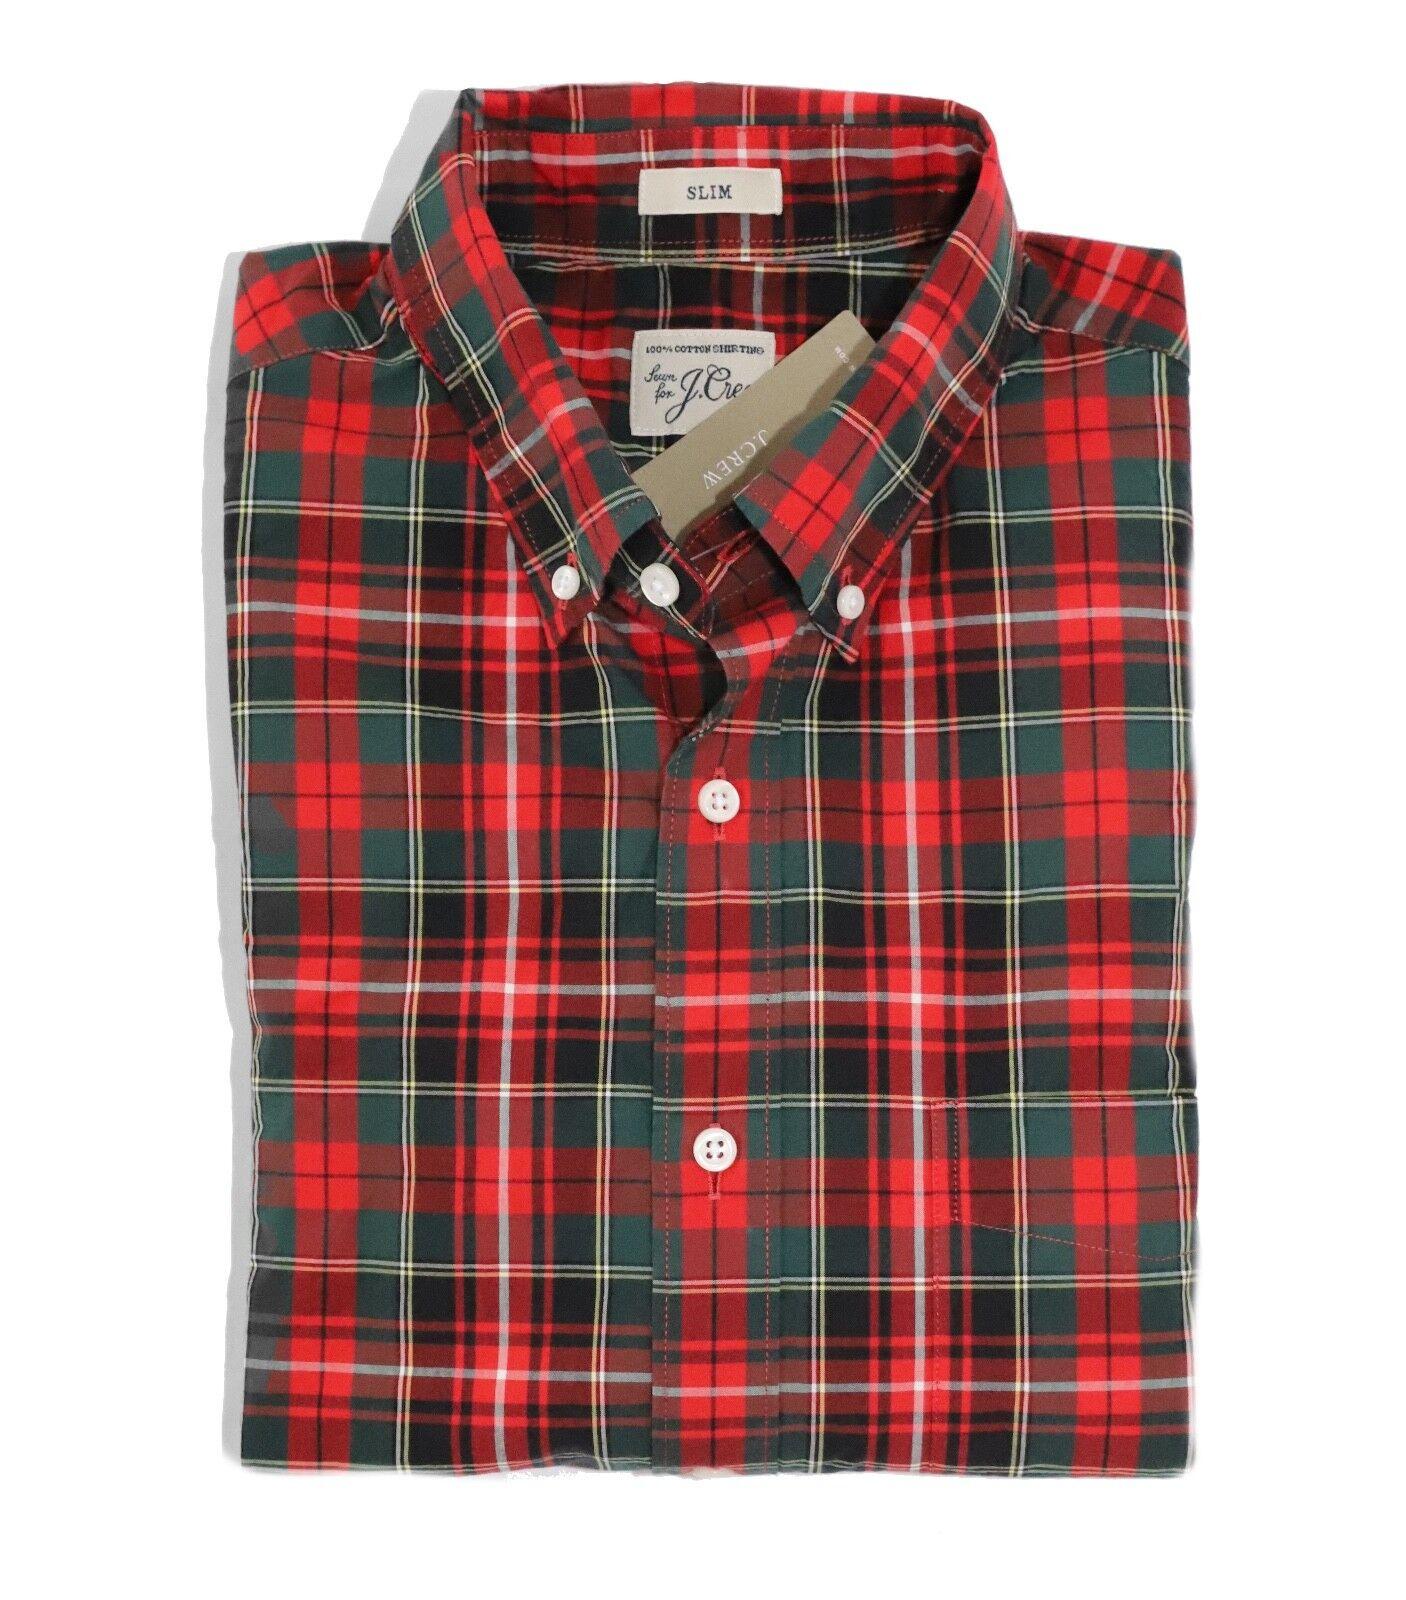 J.Crew - Men's L  - Slim Fit - Cherry Red Green Plaid Secret Wash Cotton Shirt